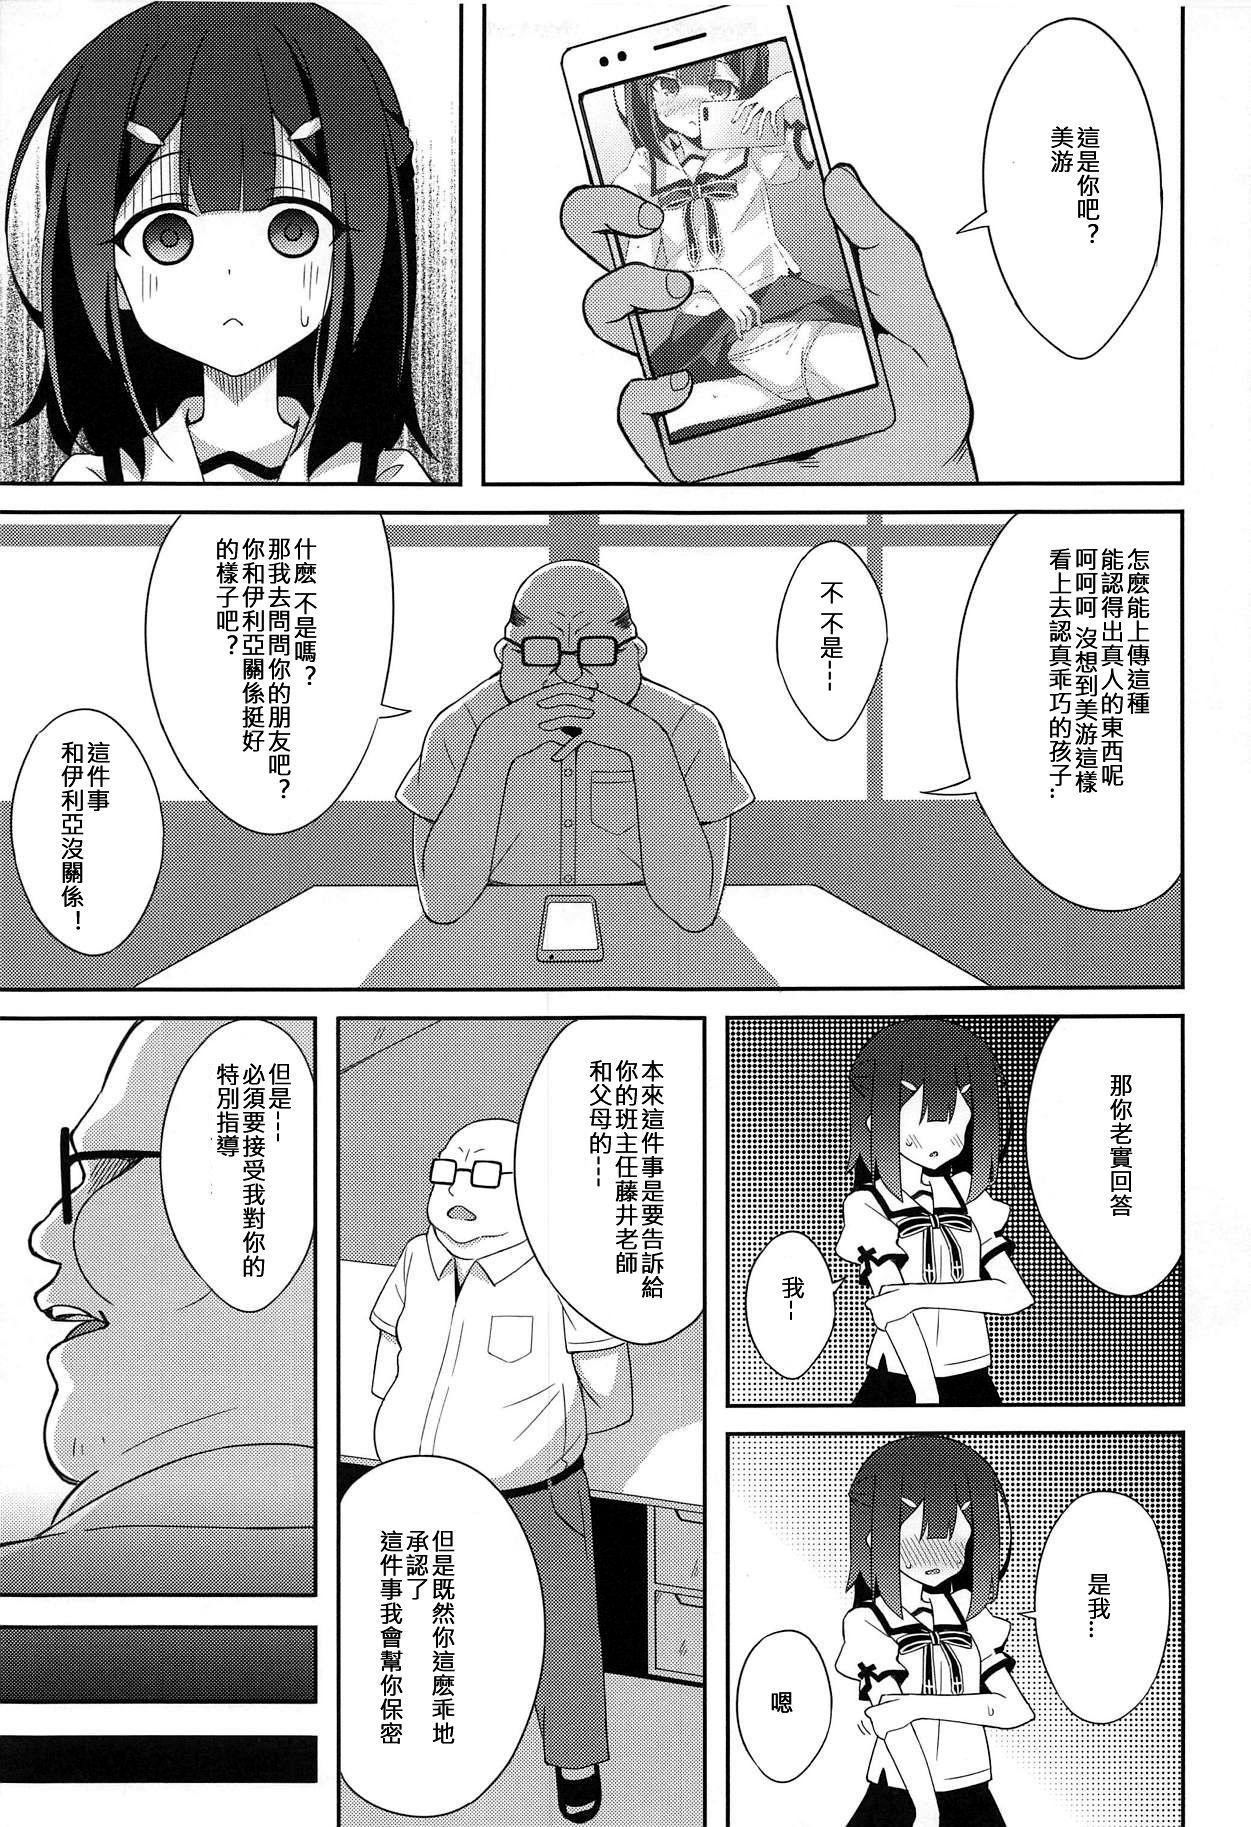 Kyuusei Maryoku Chuudoku 6 4